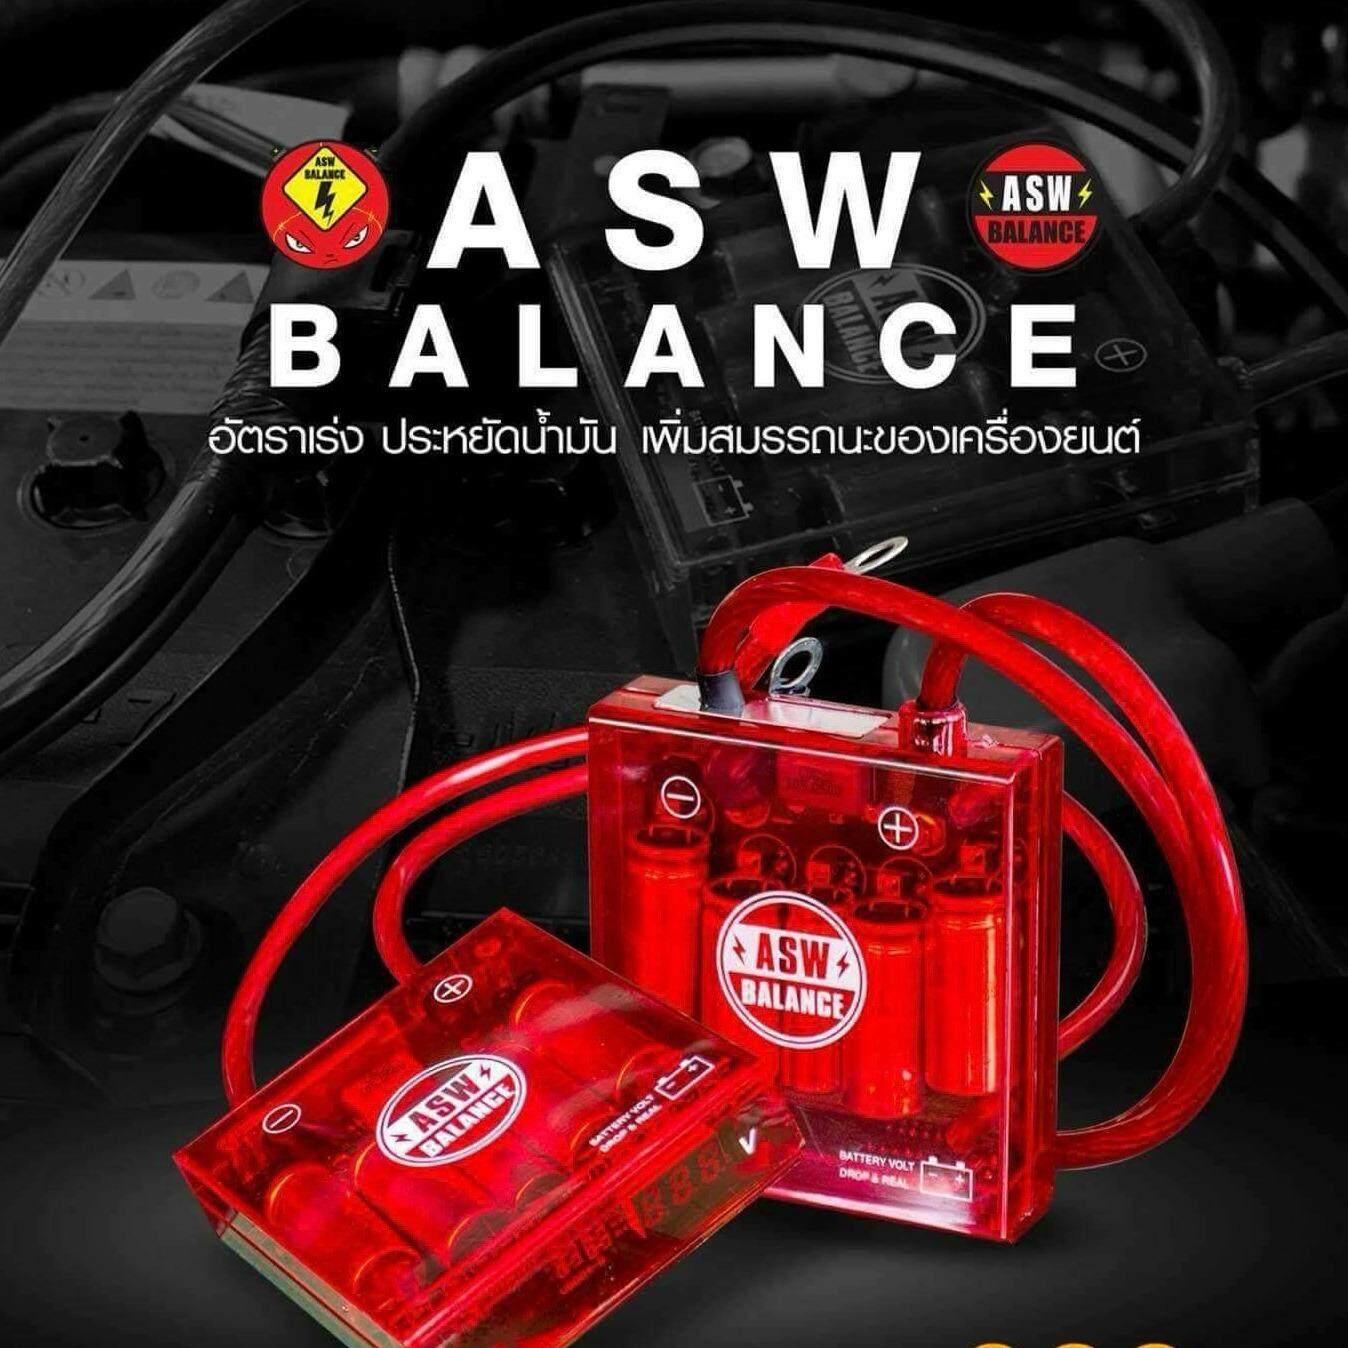 Asw Balance กล่องบาล๊านซ์ไฟ ช่วยเพิ่มประสิทธิภาพให้รถและไฟฟ้าในรถดีขึ้น (กล่องแดง) ของแท้100%.